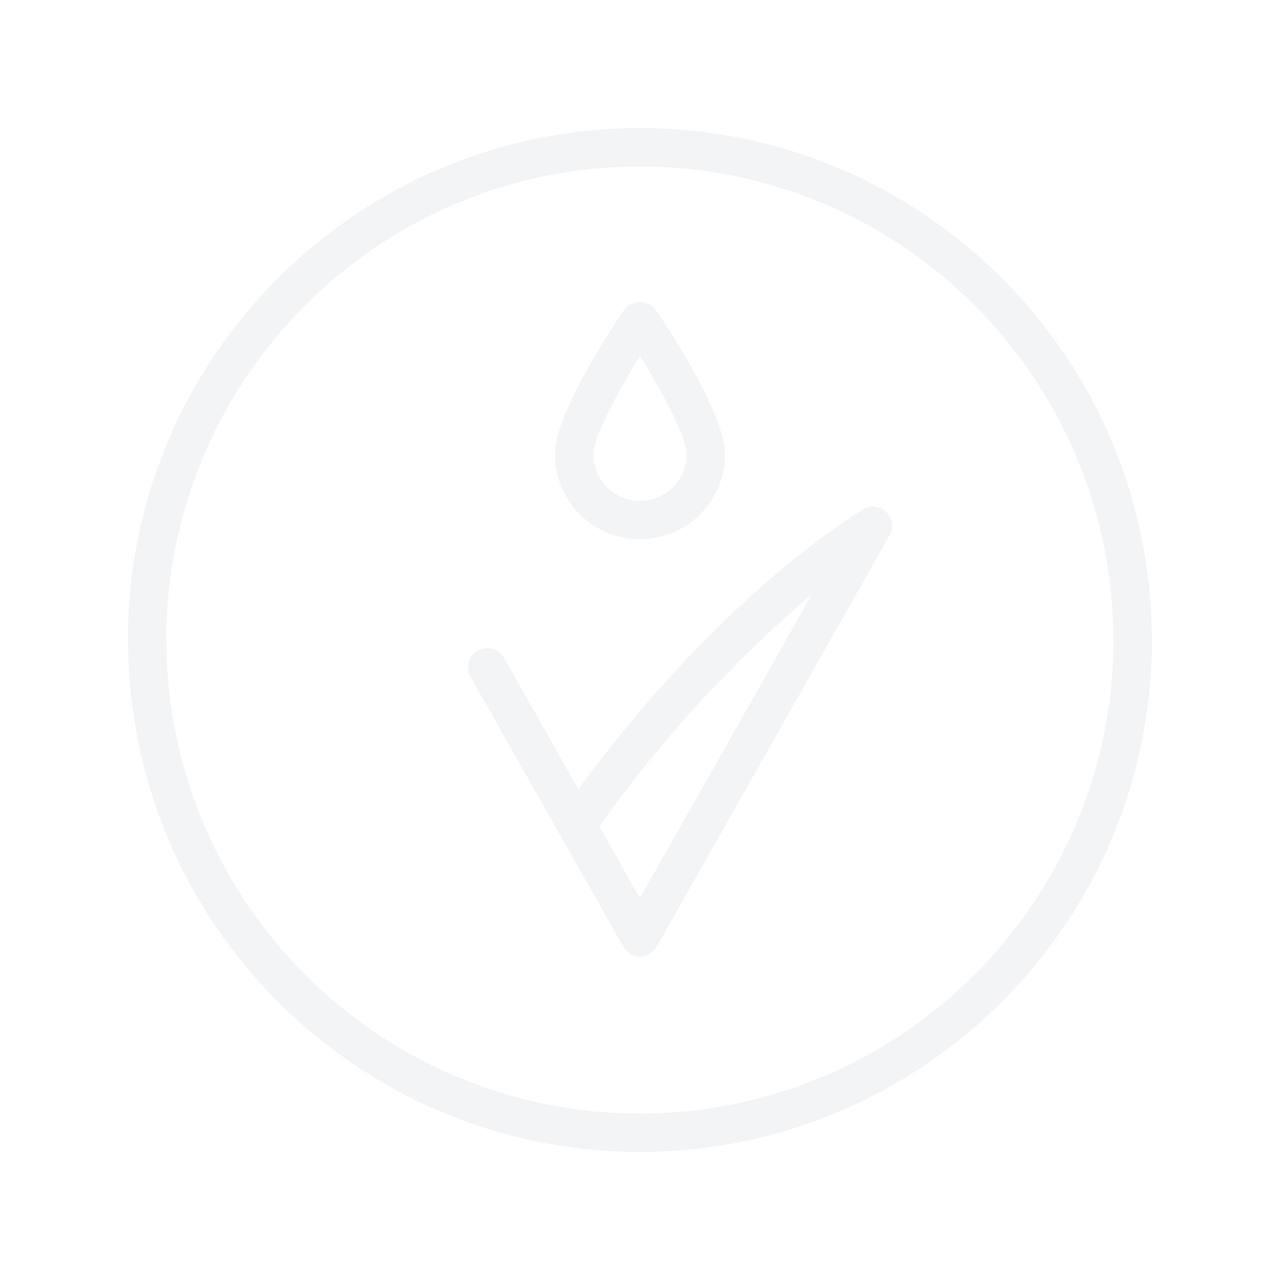 KIDS STUFF CRAZY White Foaming Soap 225ml